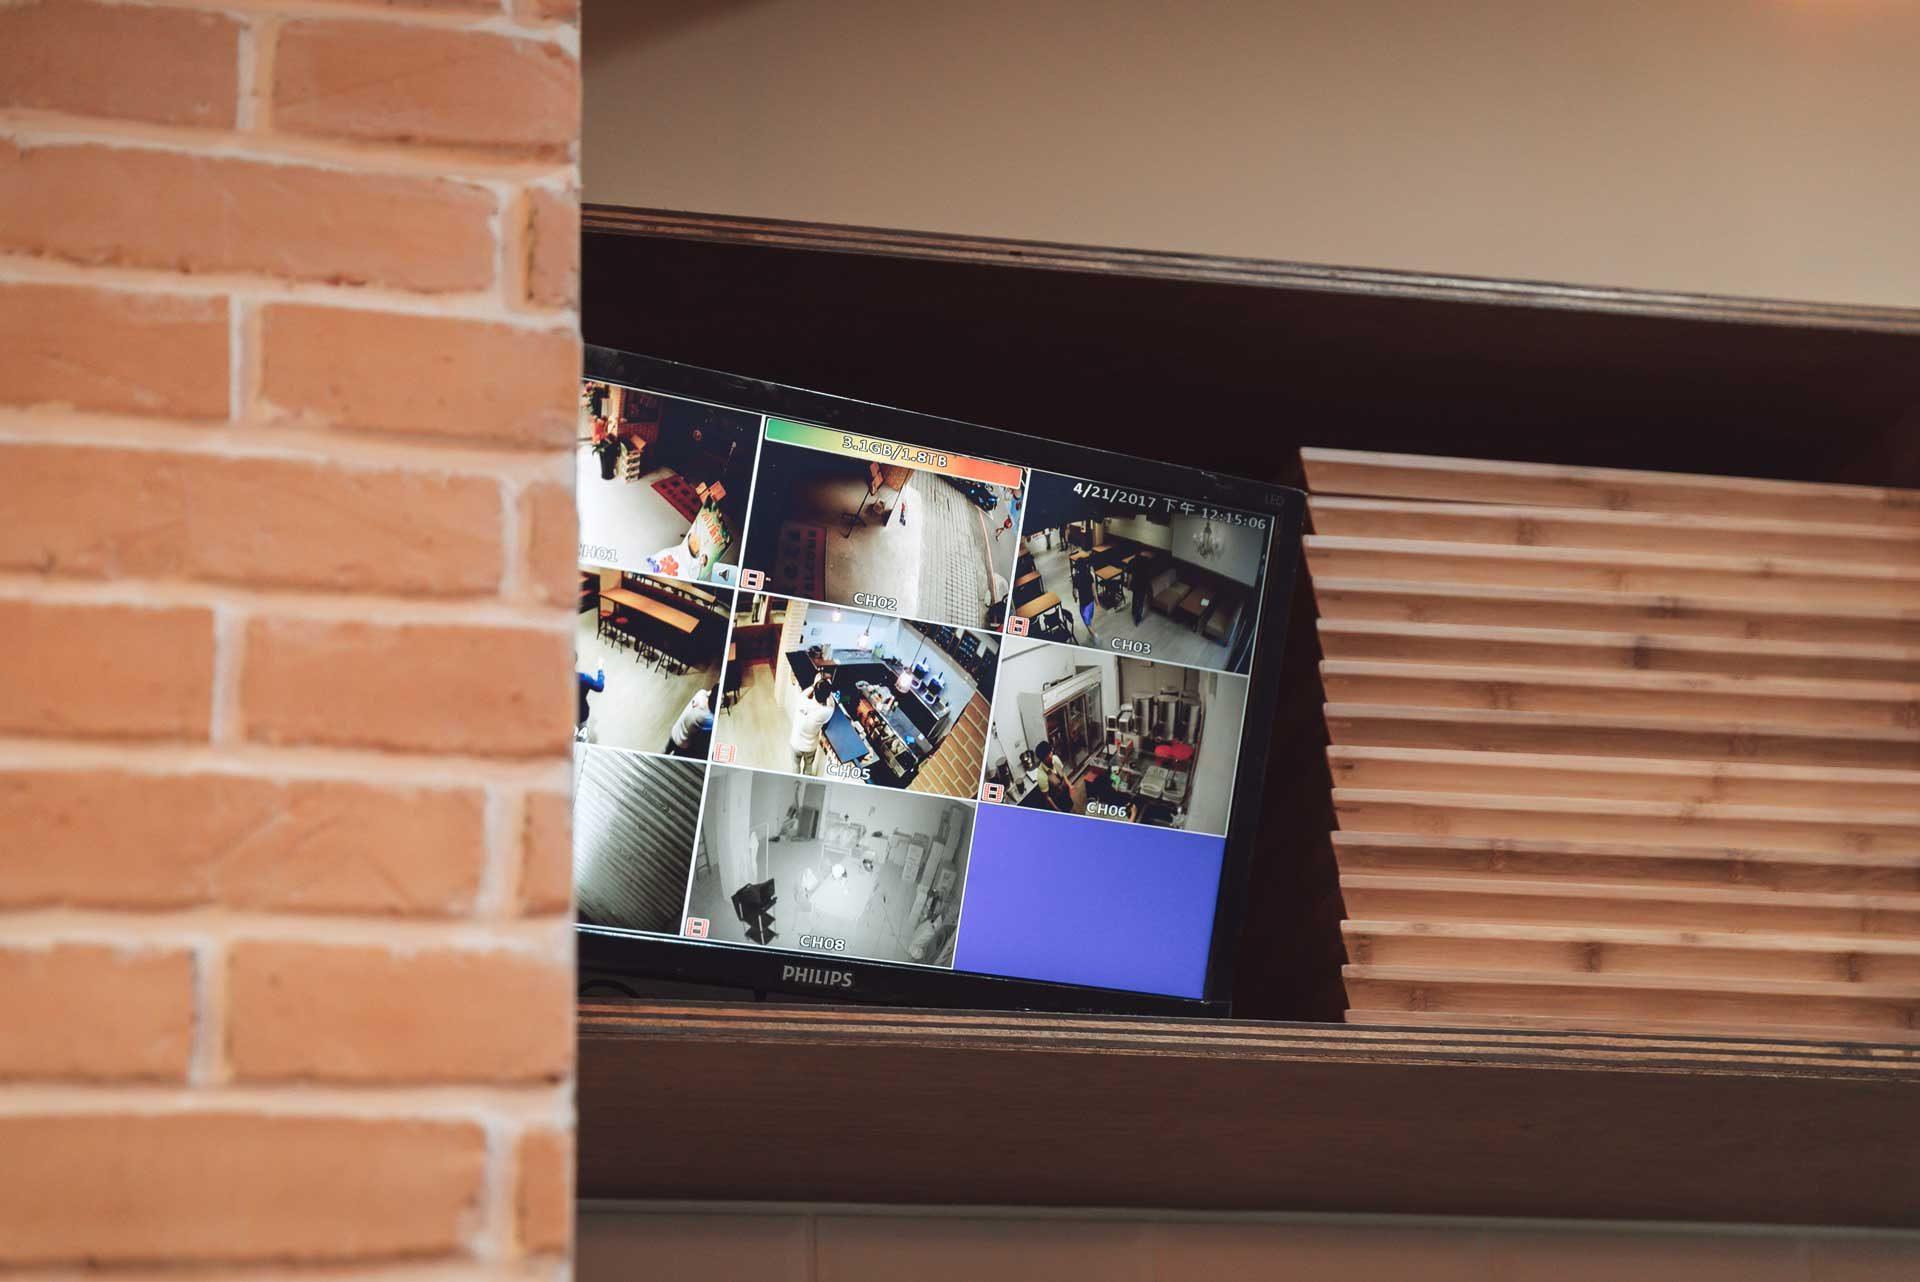 櫃檯內,可觀看到全店各個空間 8 個角度的監視器畫面